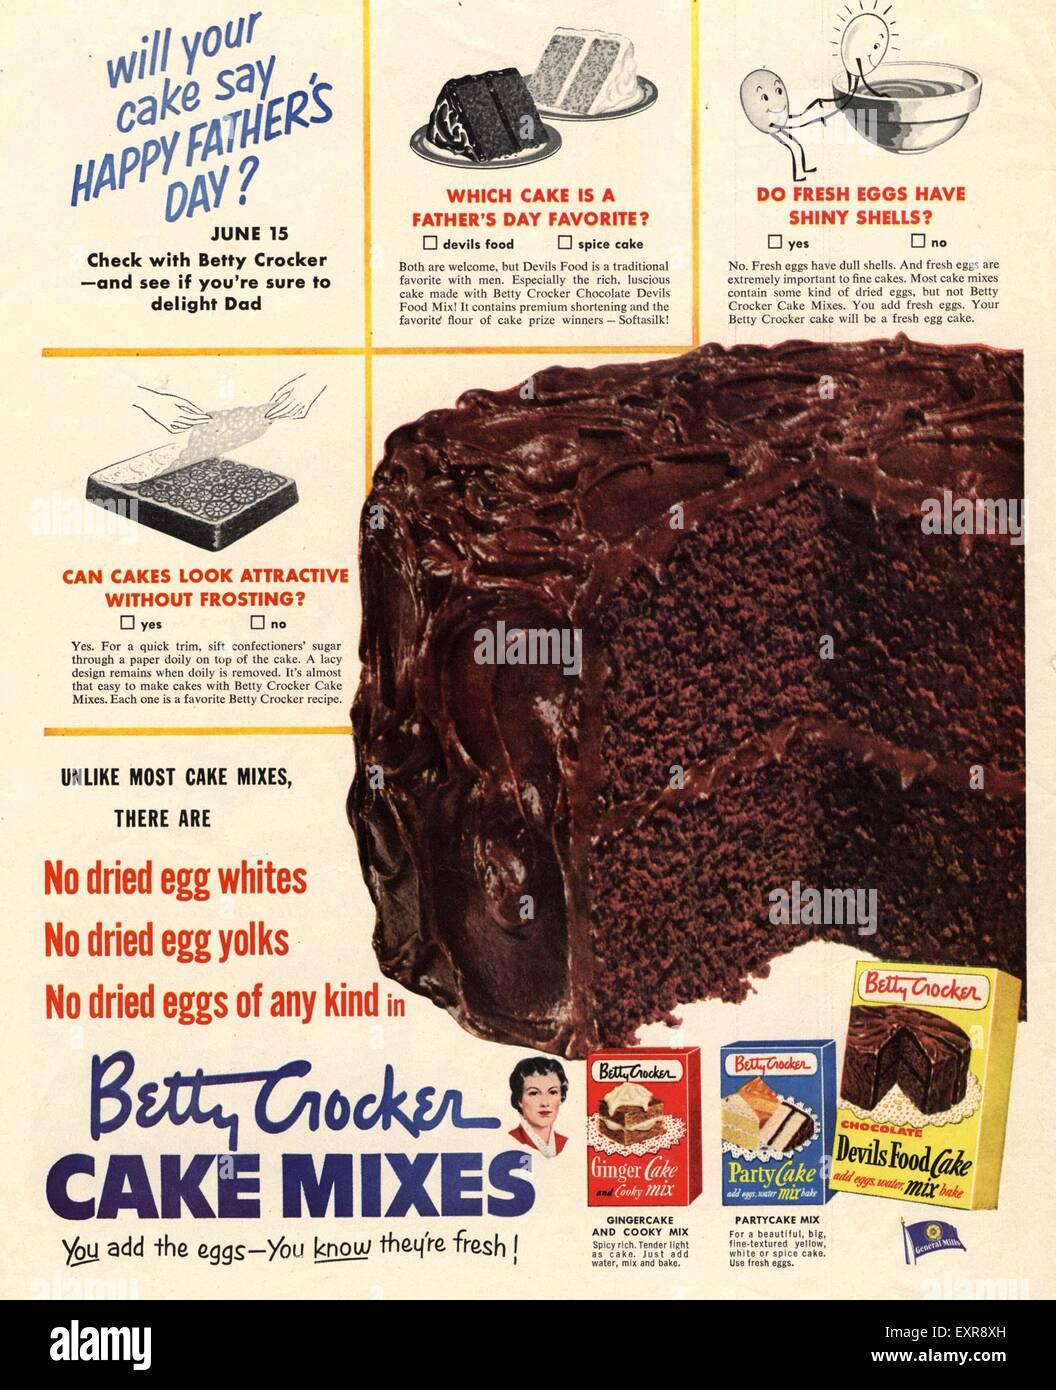 1950s USA Betty Crocker Magazine Advert - Stock Image